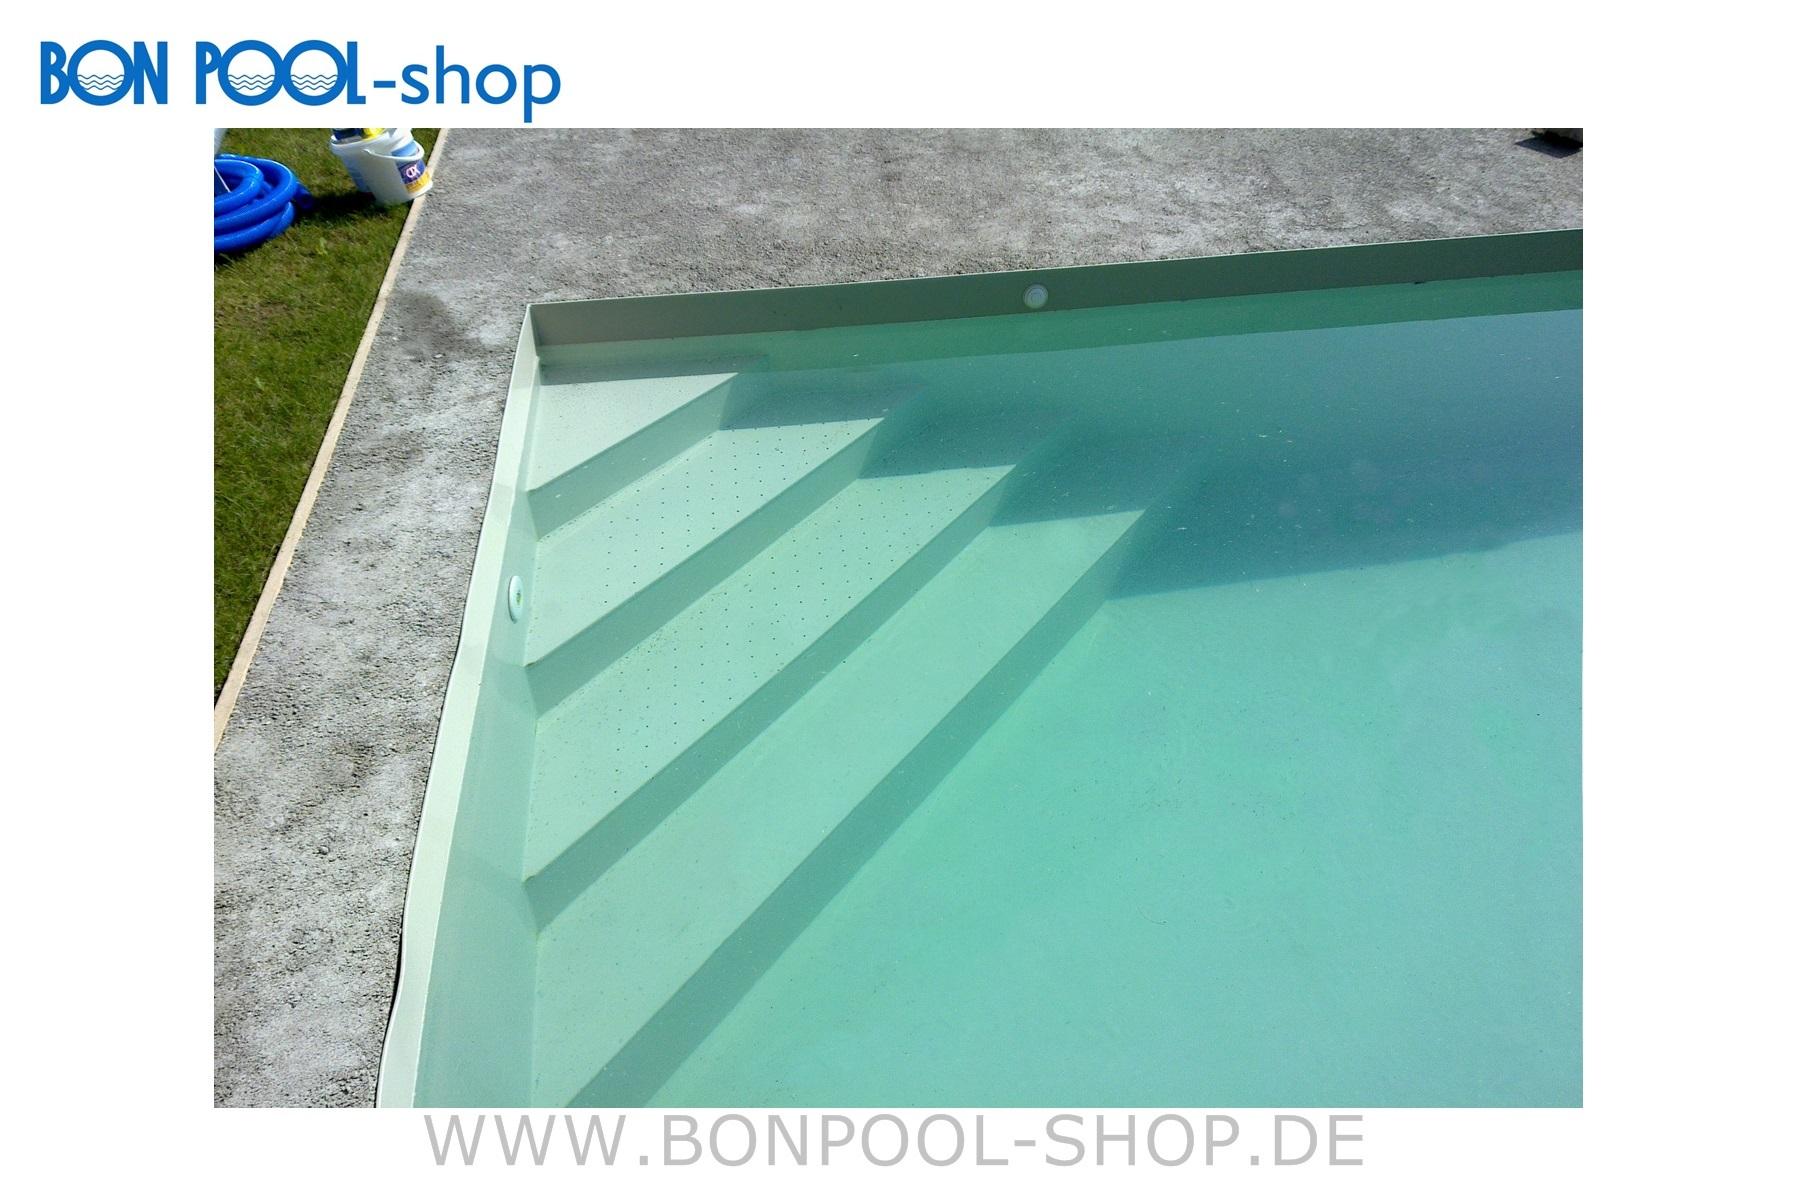 pp kunststoff rechteckbecken set 9x4x1 5m bon pool. Black Bedroom Furniture Sets. Home Design Ideas